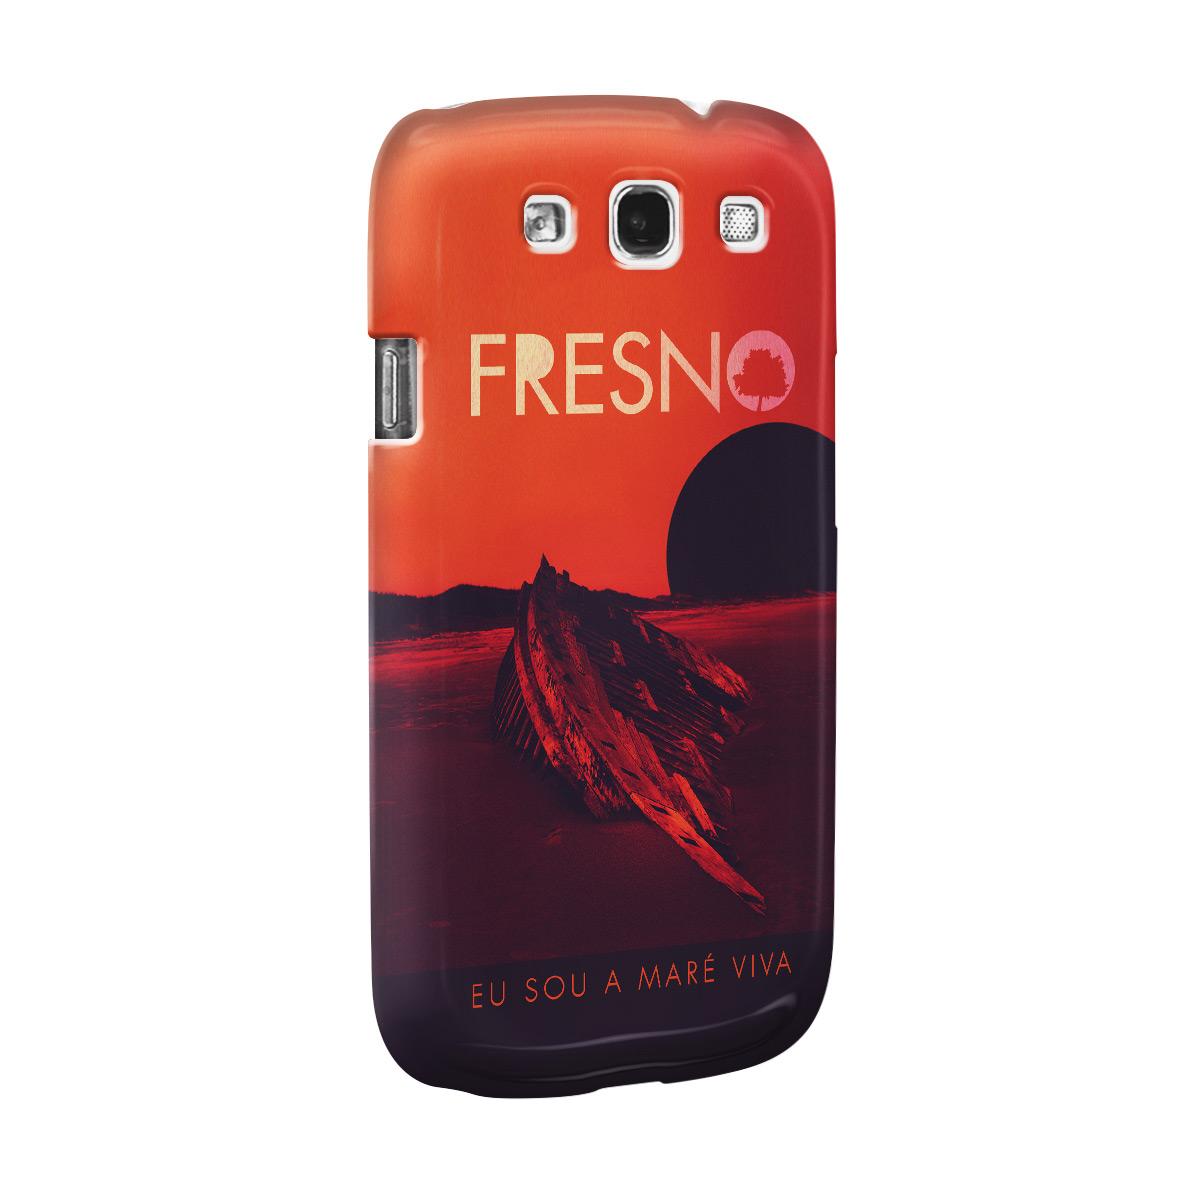 Capa de Celular Samsung Galaxy S3 Fresno Capa EP